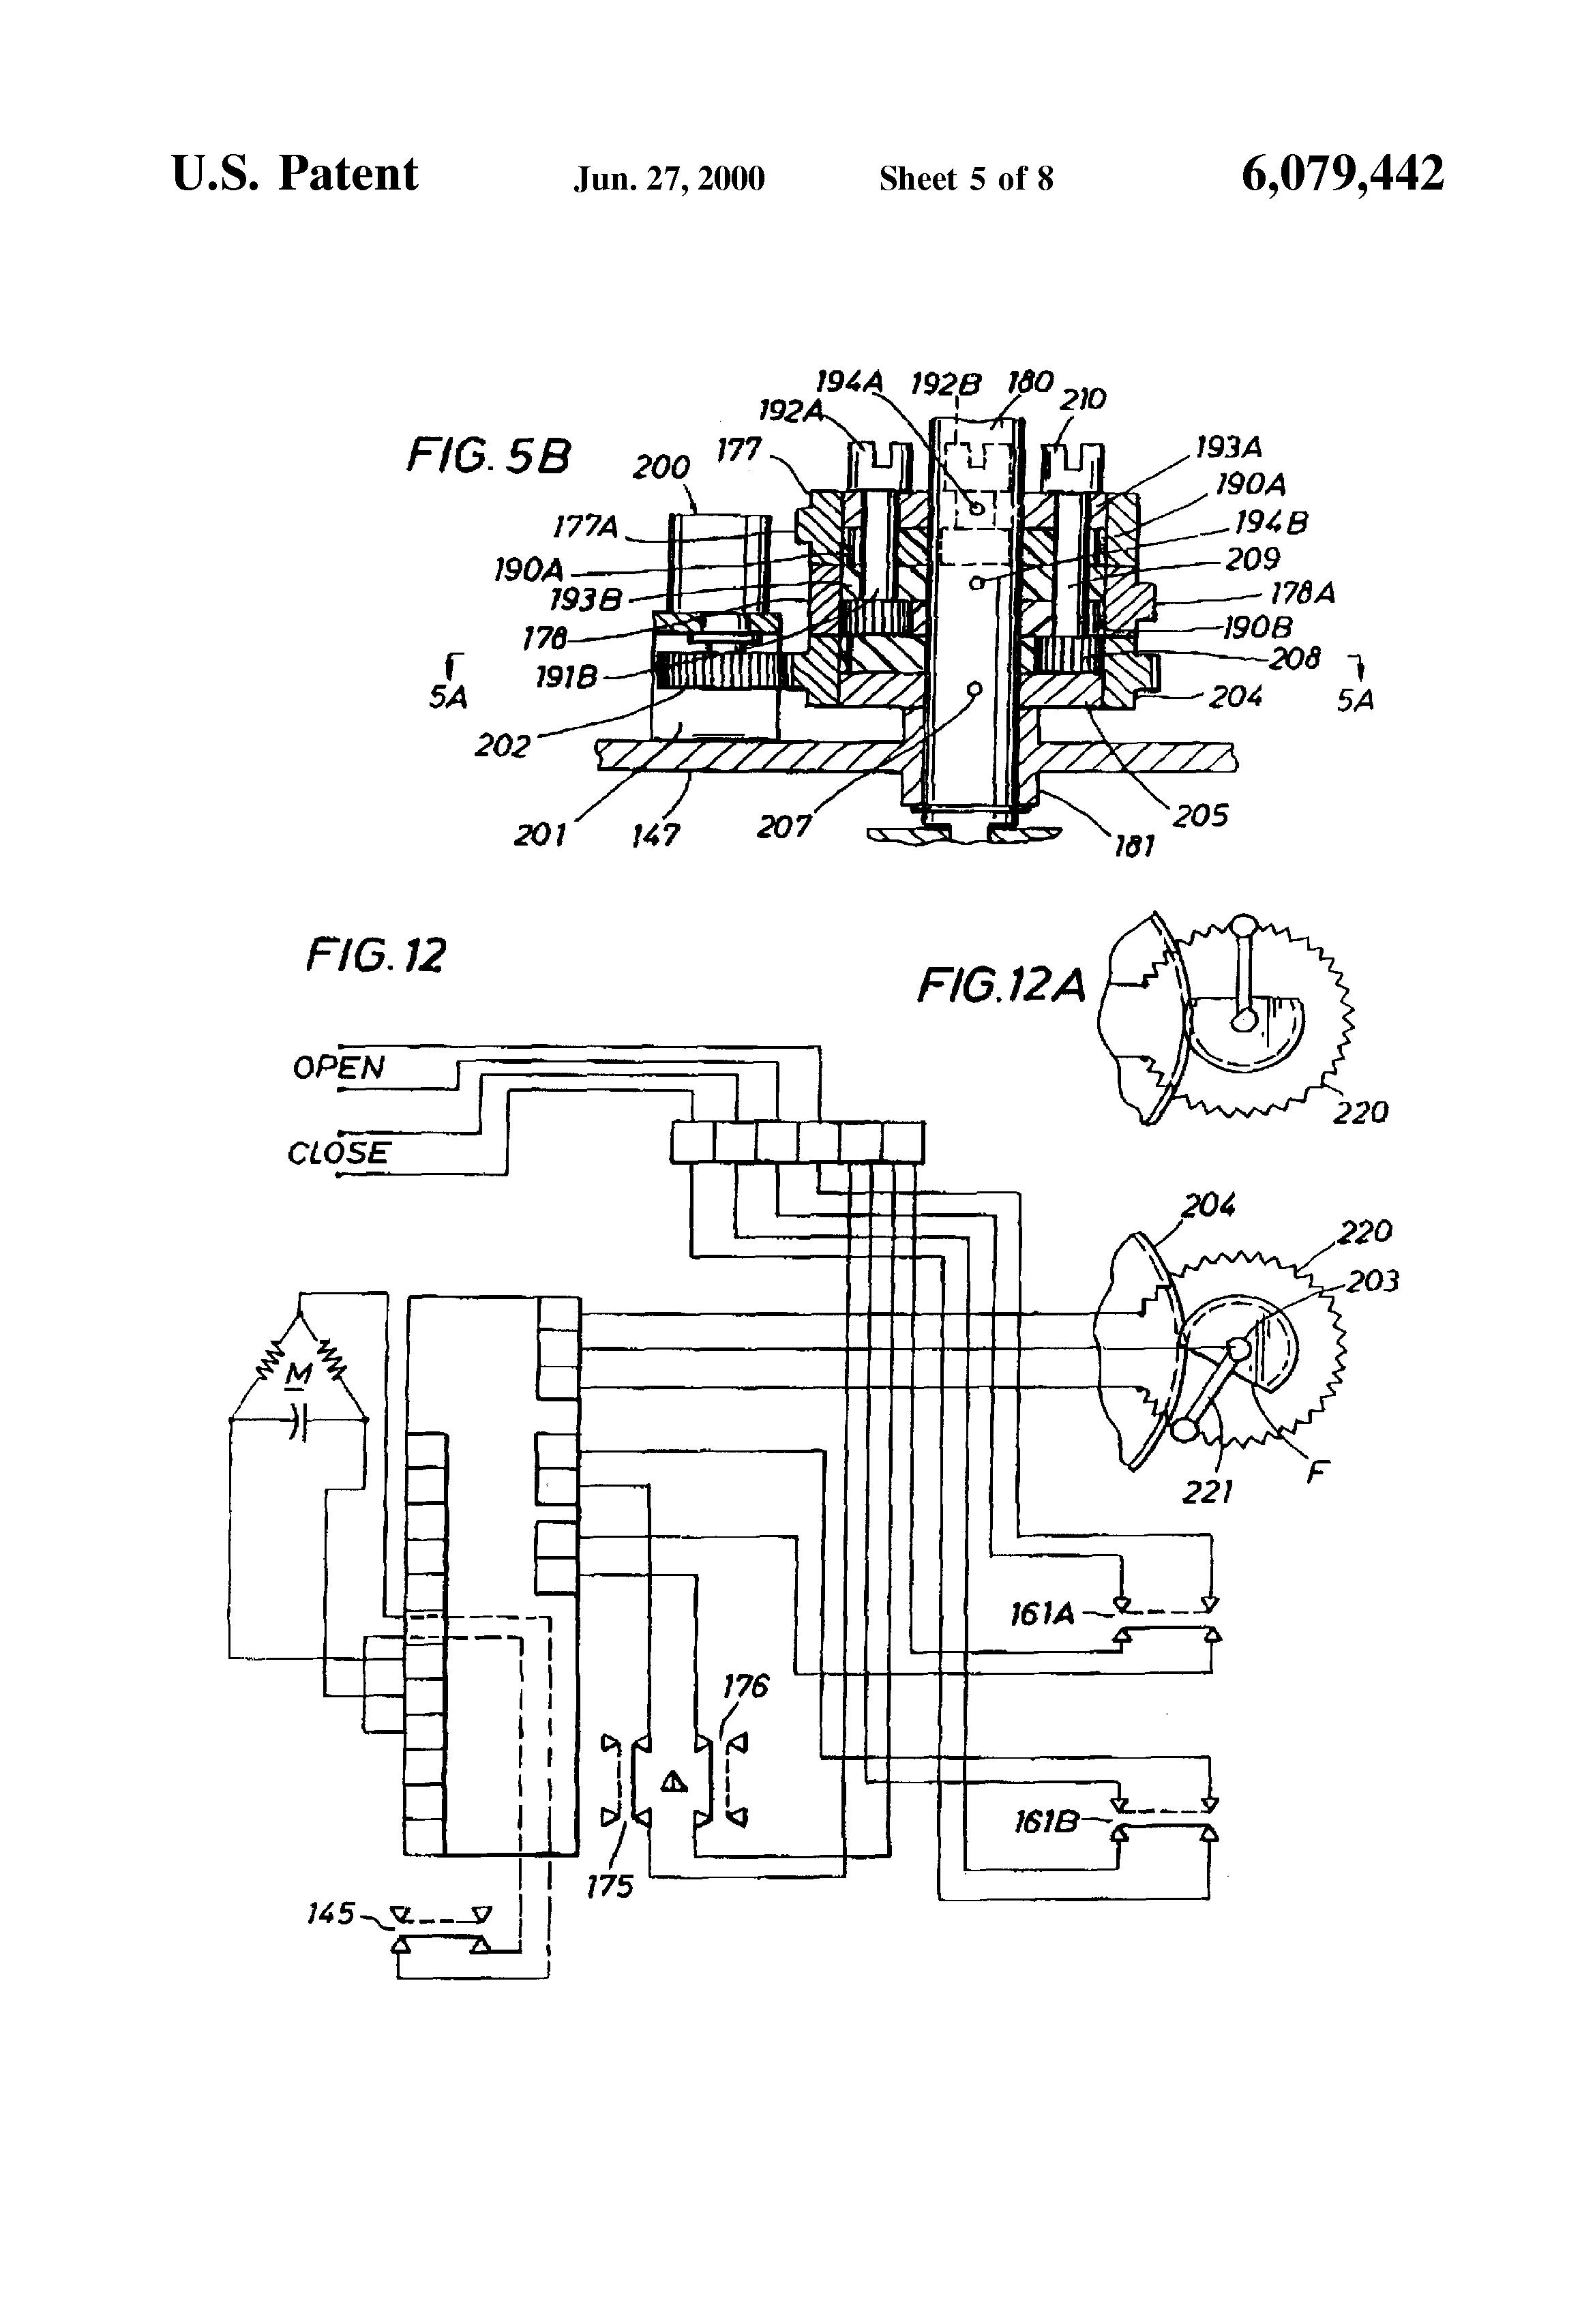 Lionel Train Wiring Diagram hydraulic design software – Lionel 1121 Switch Wiring Schematics